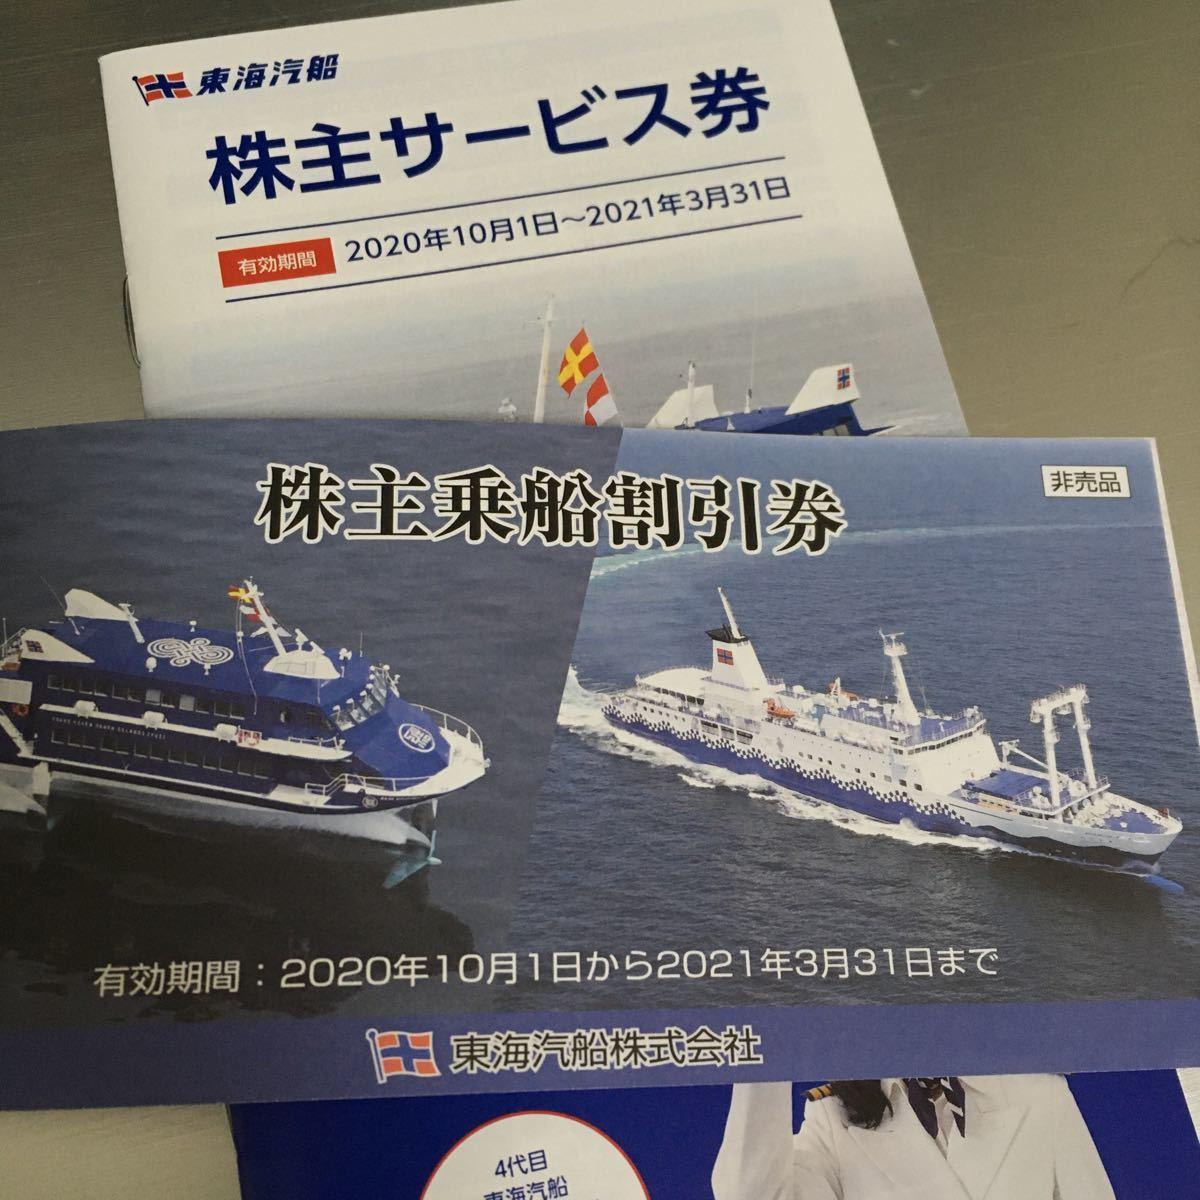 東海汽船 株主優待券 乗船割引券1枚 サービス券1冊 乗船券_画像1